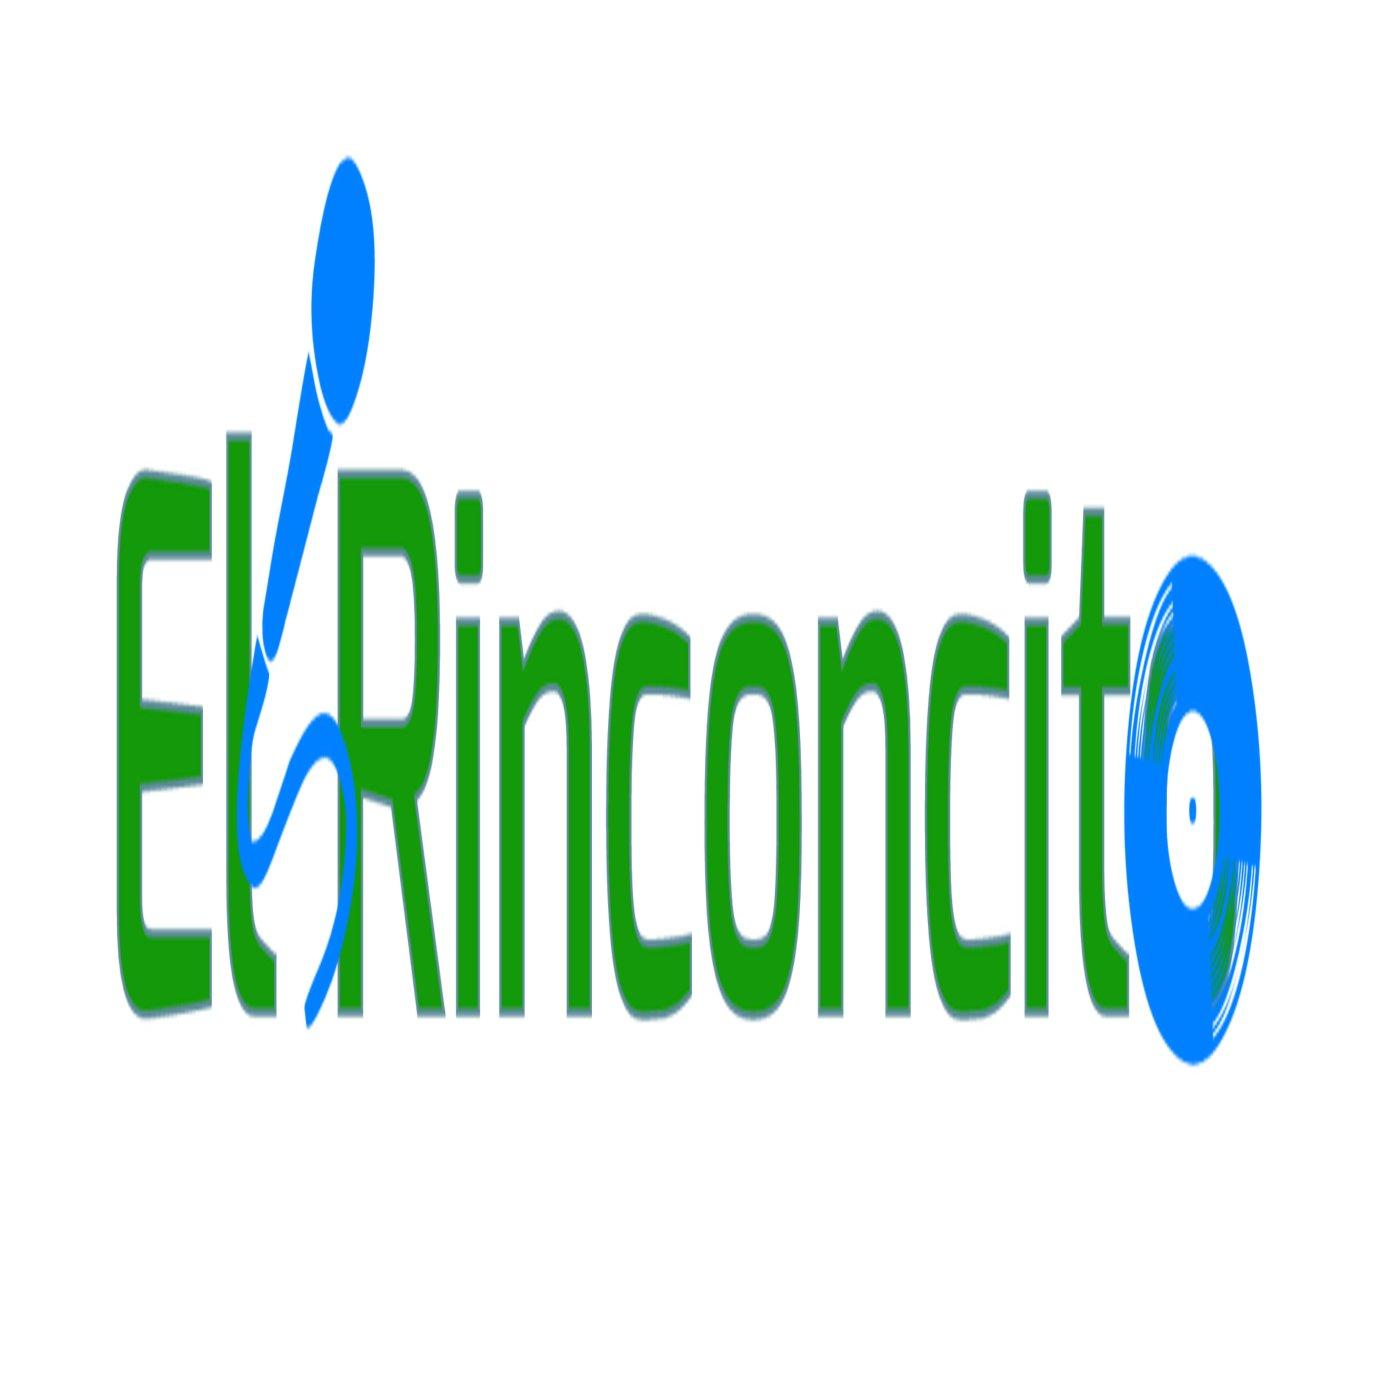 <![CDATA[El Rinconcito]]>